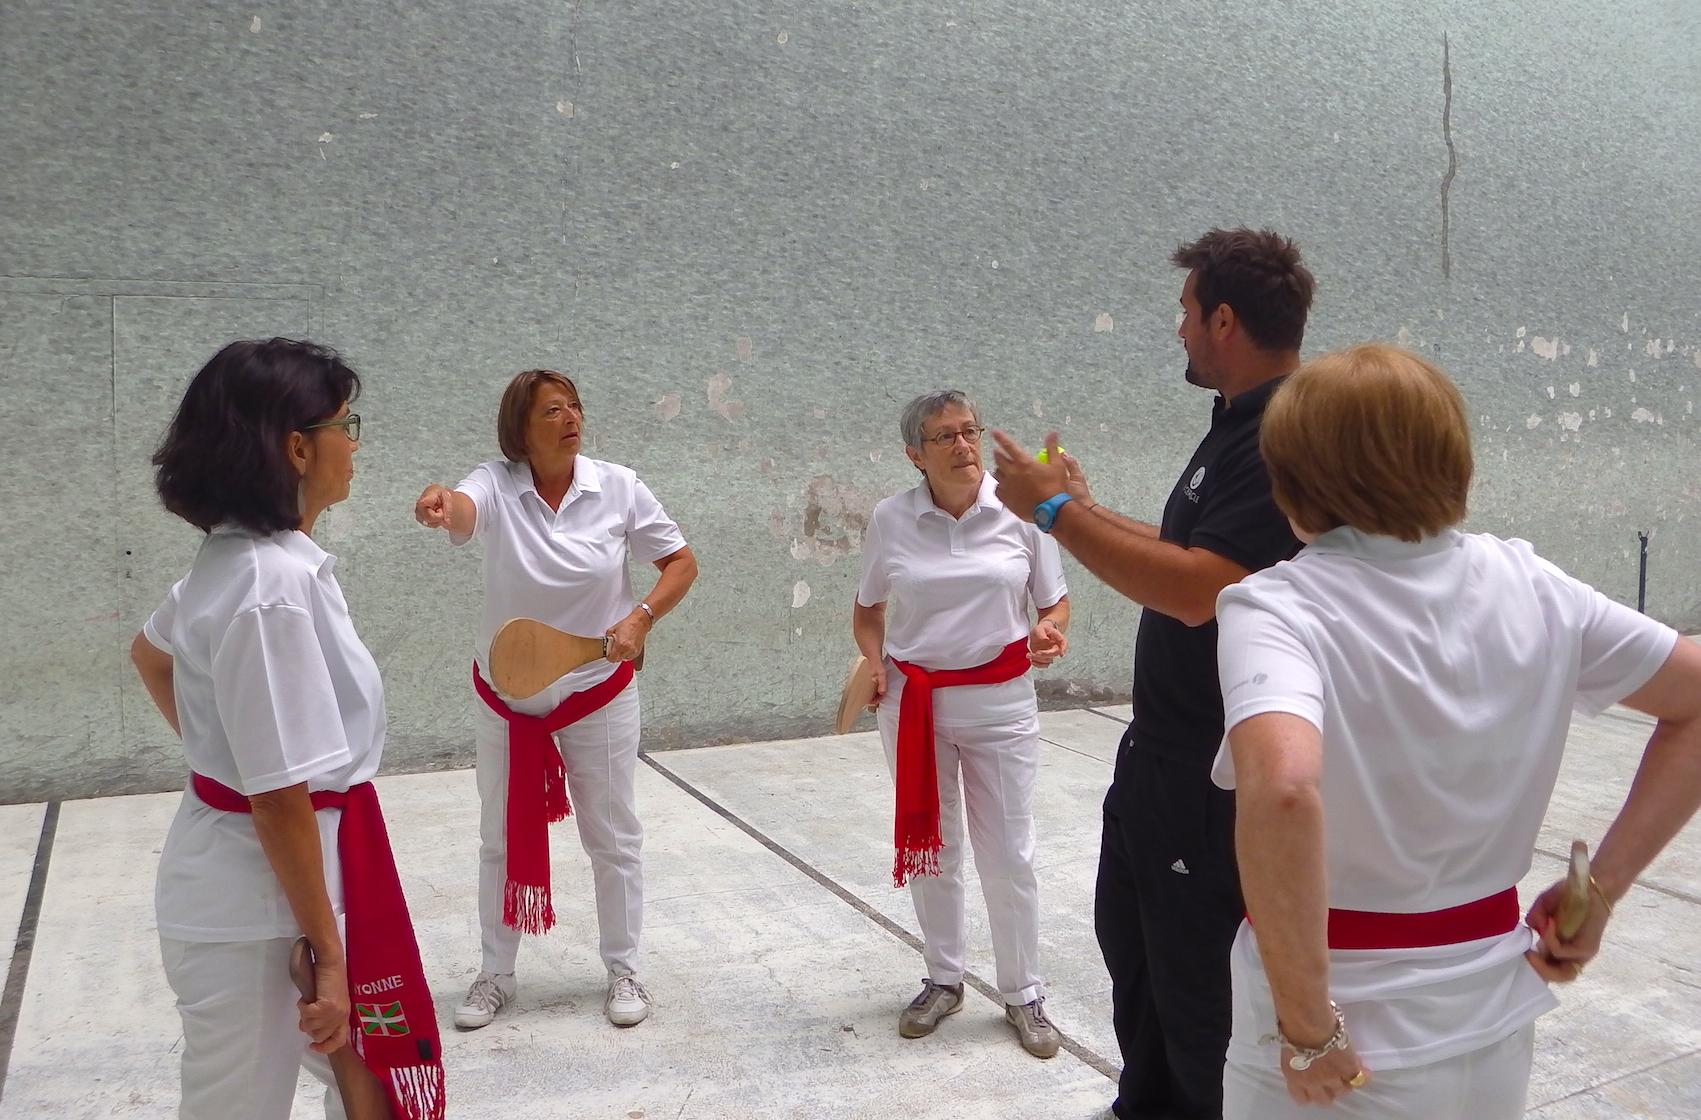 journée-visite-saint-jean-de-luz-agence-voyage-pays-basque-initiation-pelote-basque-11